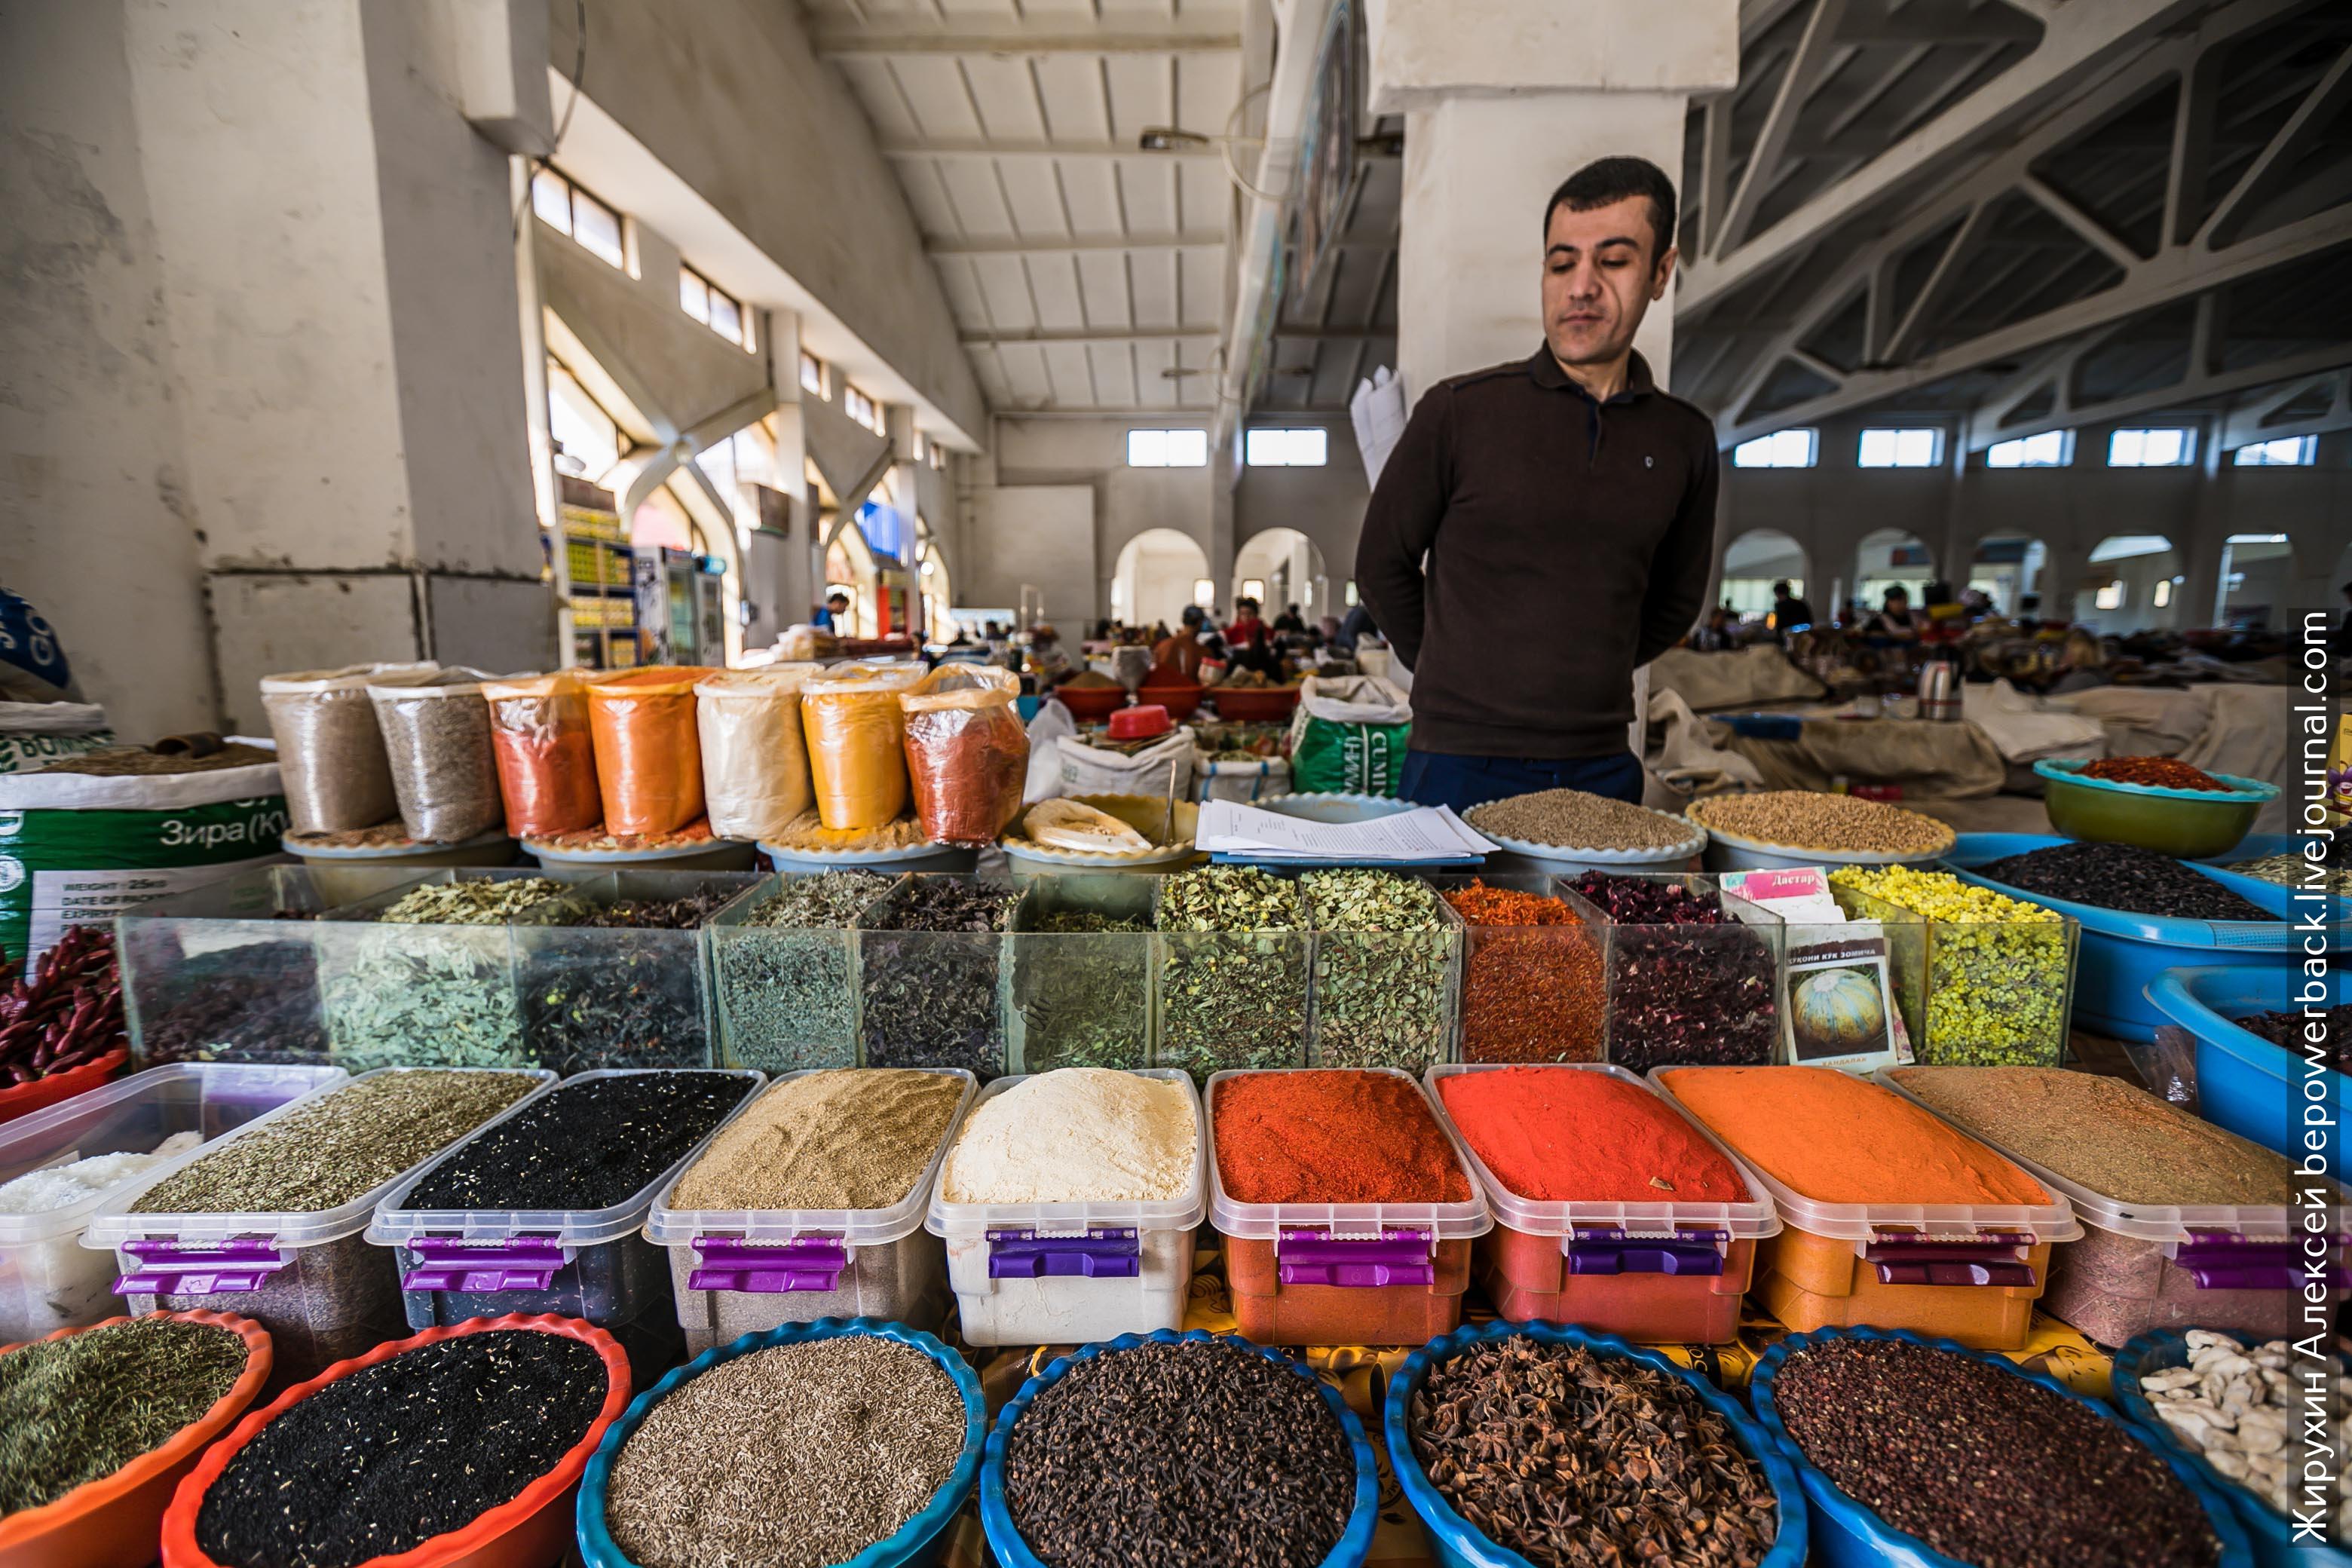 недооценивают старые фото узбекские базары суть коллеги